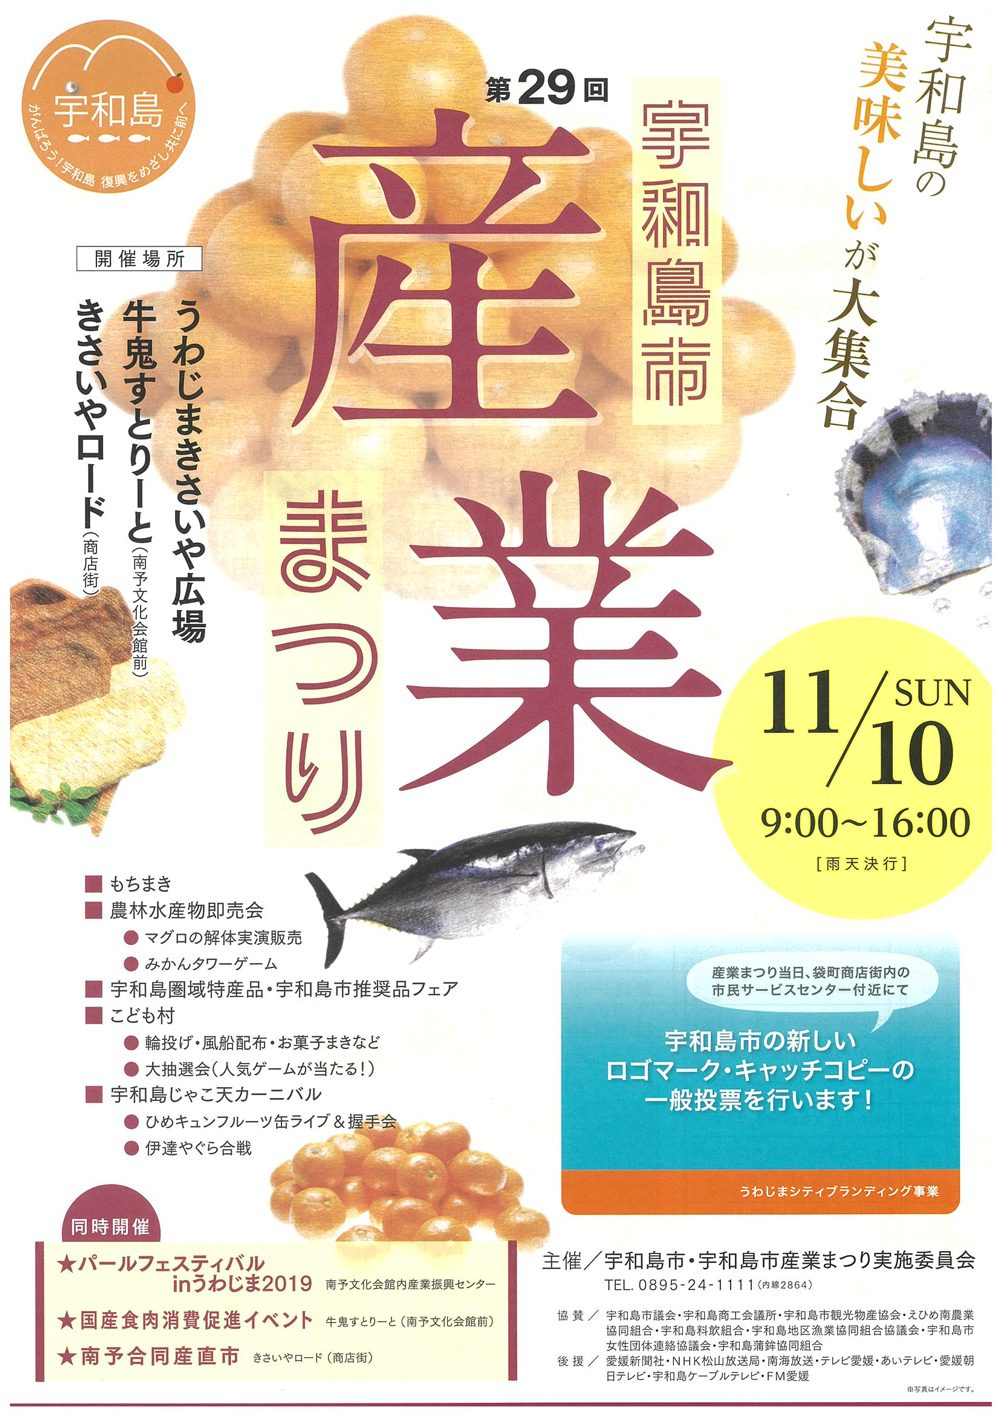 宇和島市産業まつりポスター